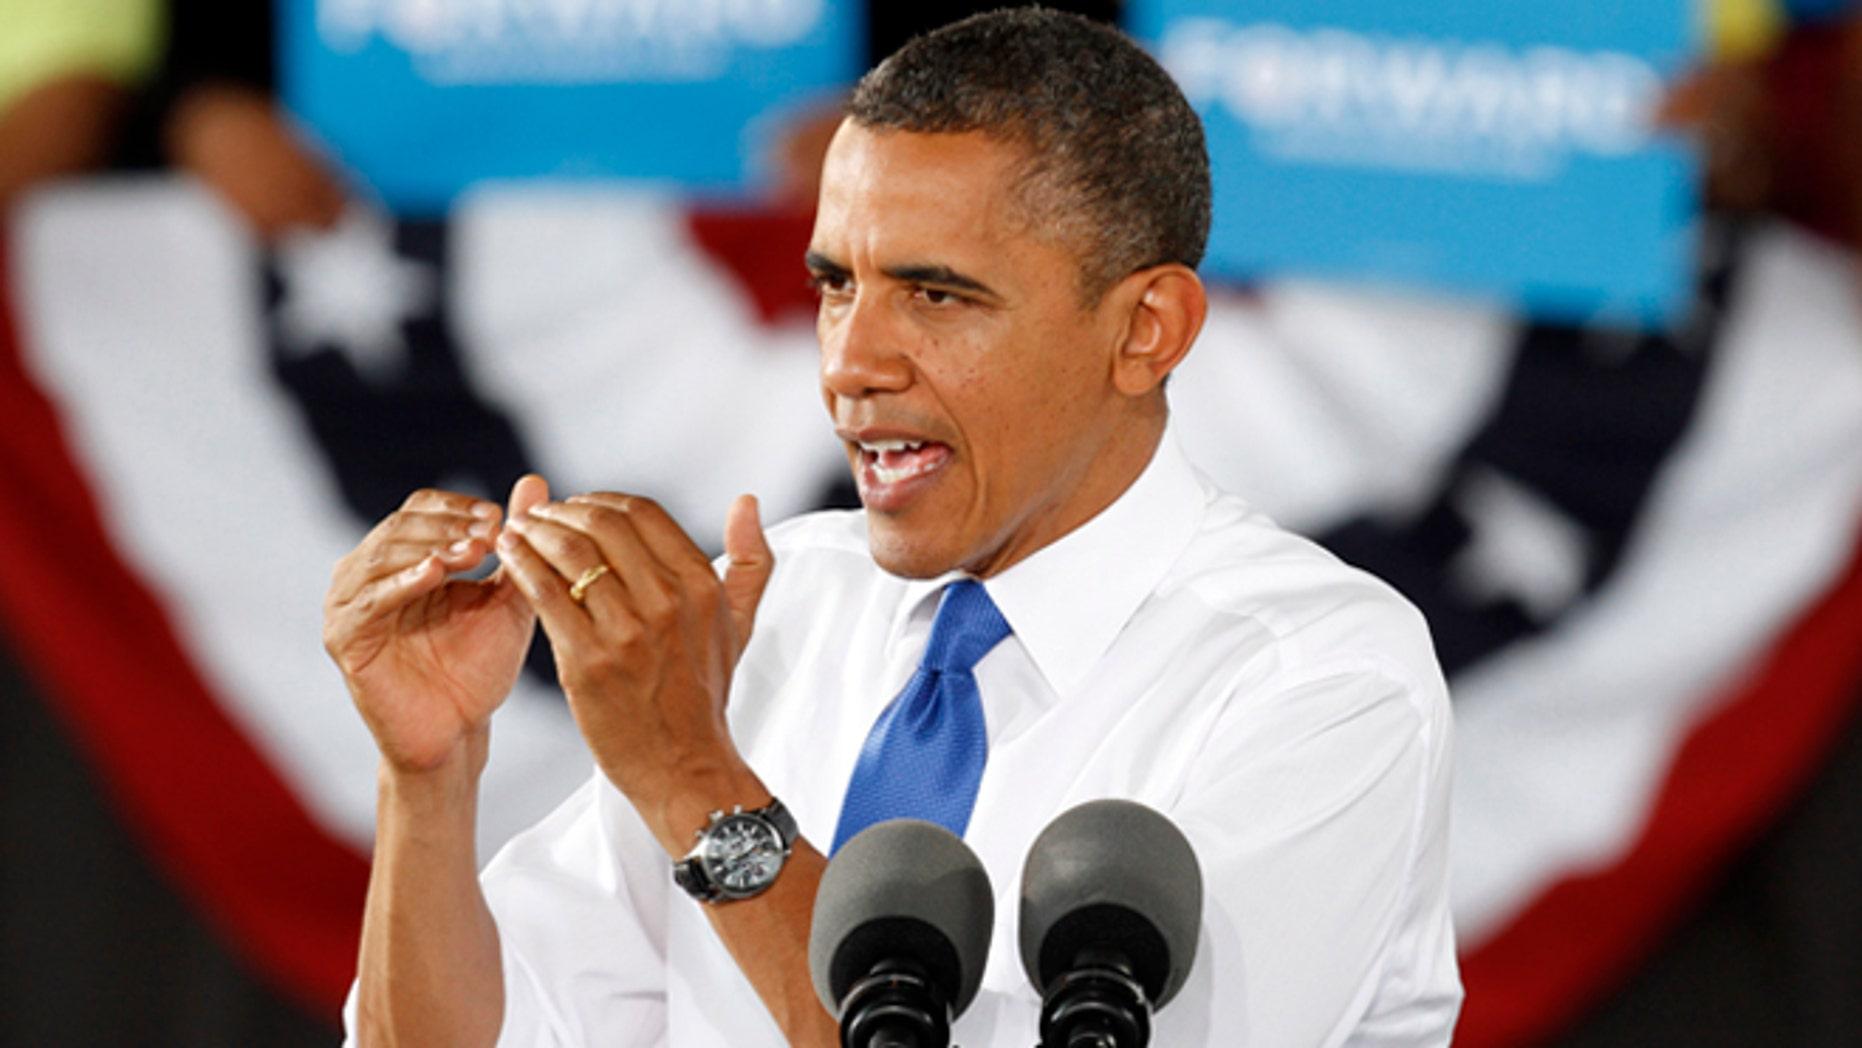 El presidente Barack Obama habla en un mitin en Virginia Beach, Virginia, el jueves 27 de septiembre de 2012. (Foto AP/Steve Helber)